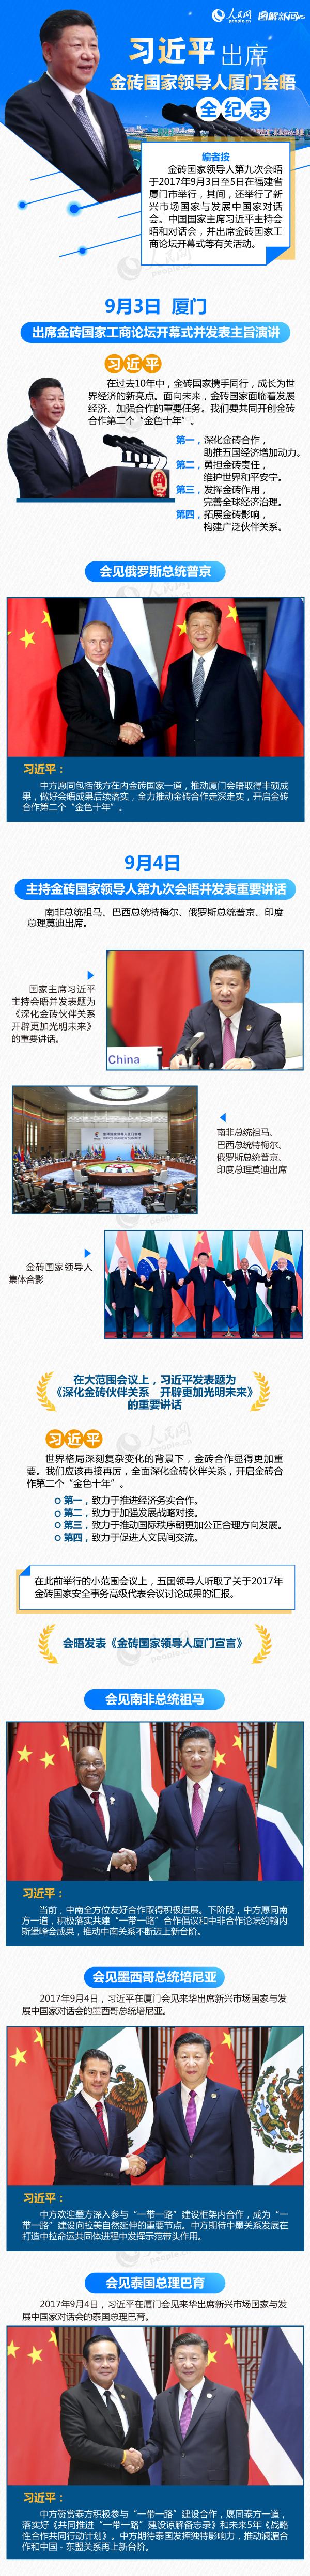 考研时政热点之习近平出席金砖国家领导人厦门会晤全记录